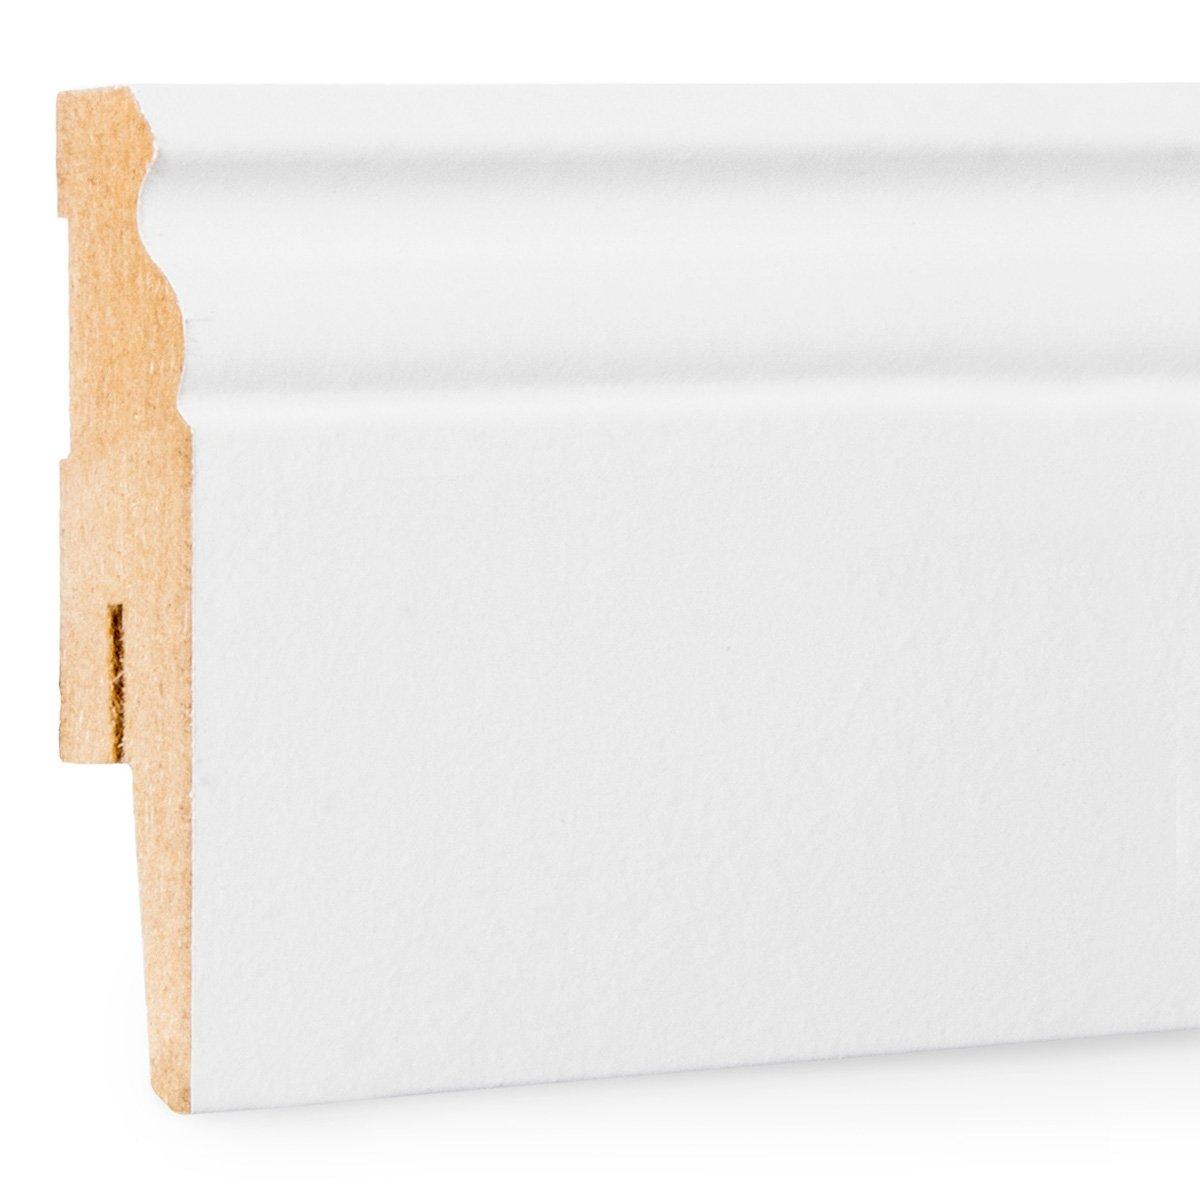 10x HOLZBRINK Rodapié  de Acabado del Suelo MDF Perfil Tipo Hamburgo Blanco Rodapié de Acabado del suelo Decorativo D1 100x15 mm 200 cm Jumbo Shop